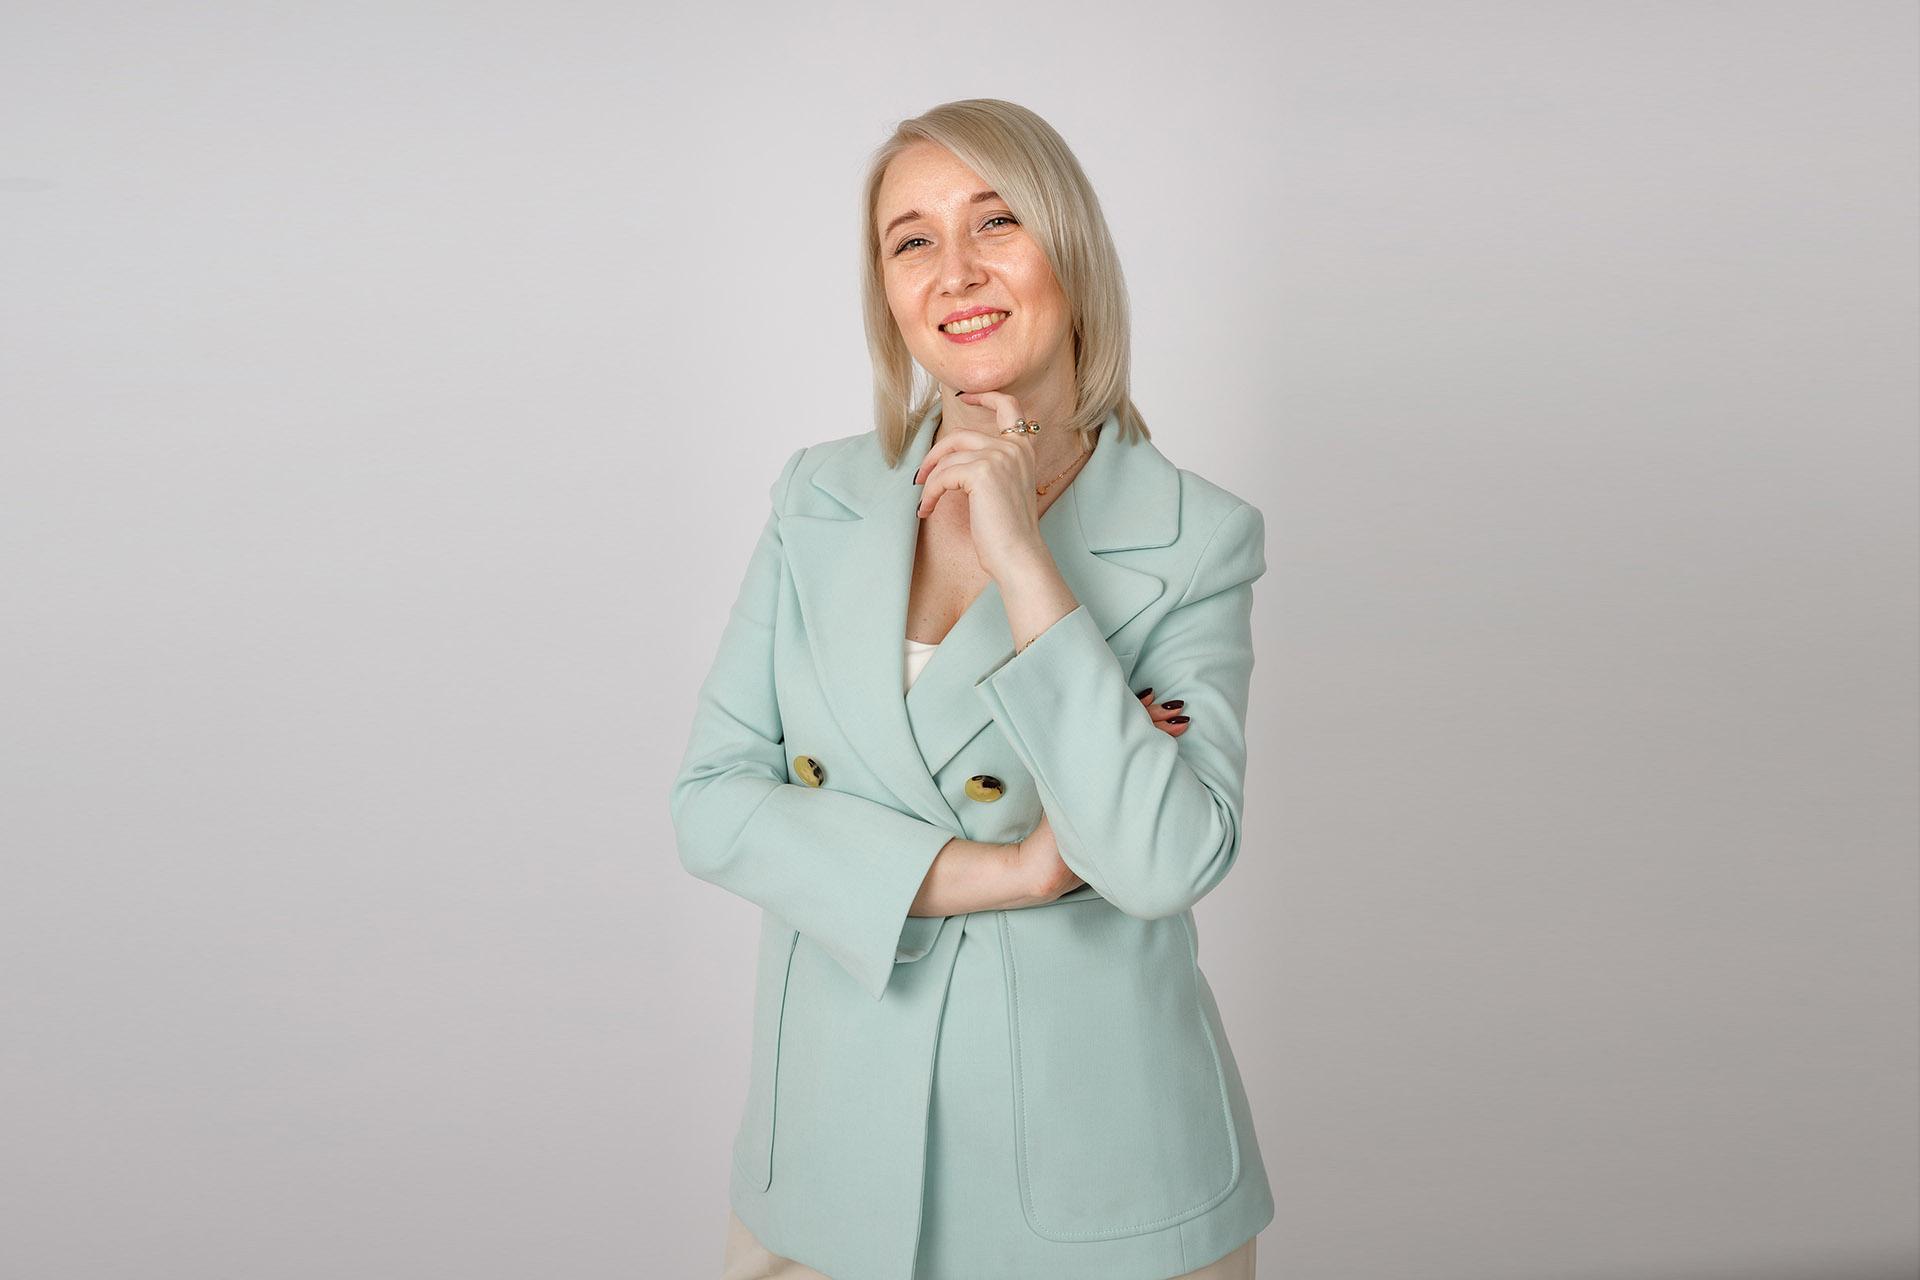 Марина Дяченко. Как замотивировать команду и масштабировать бизнес